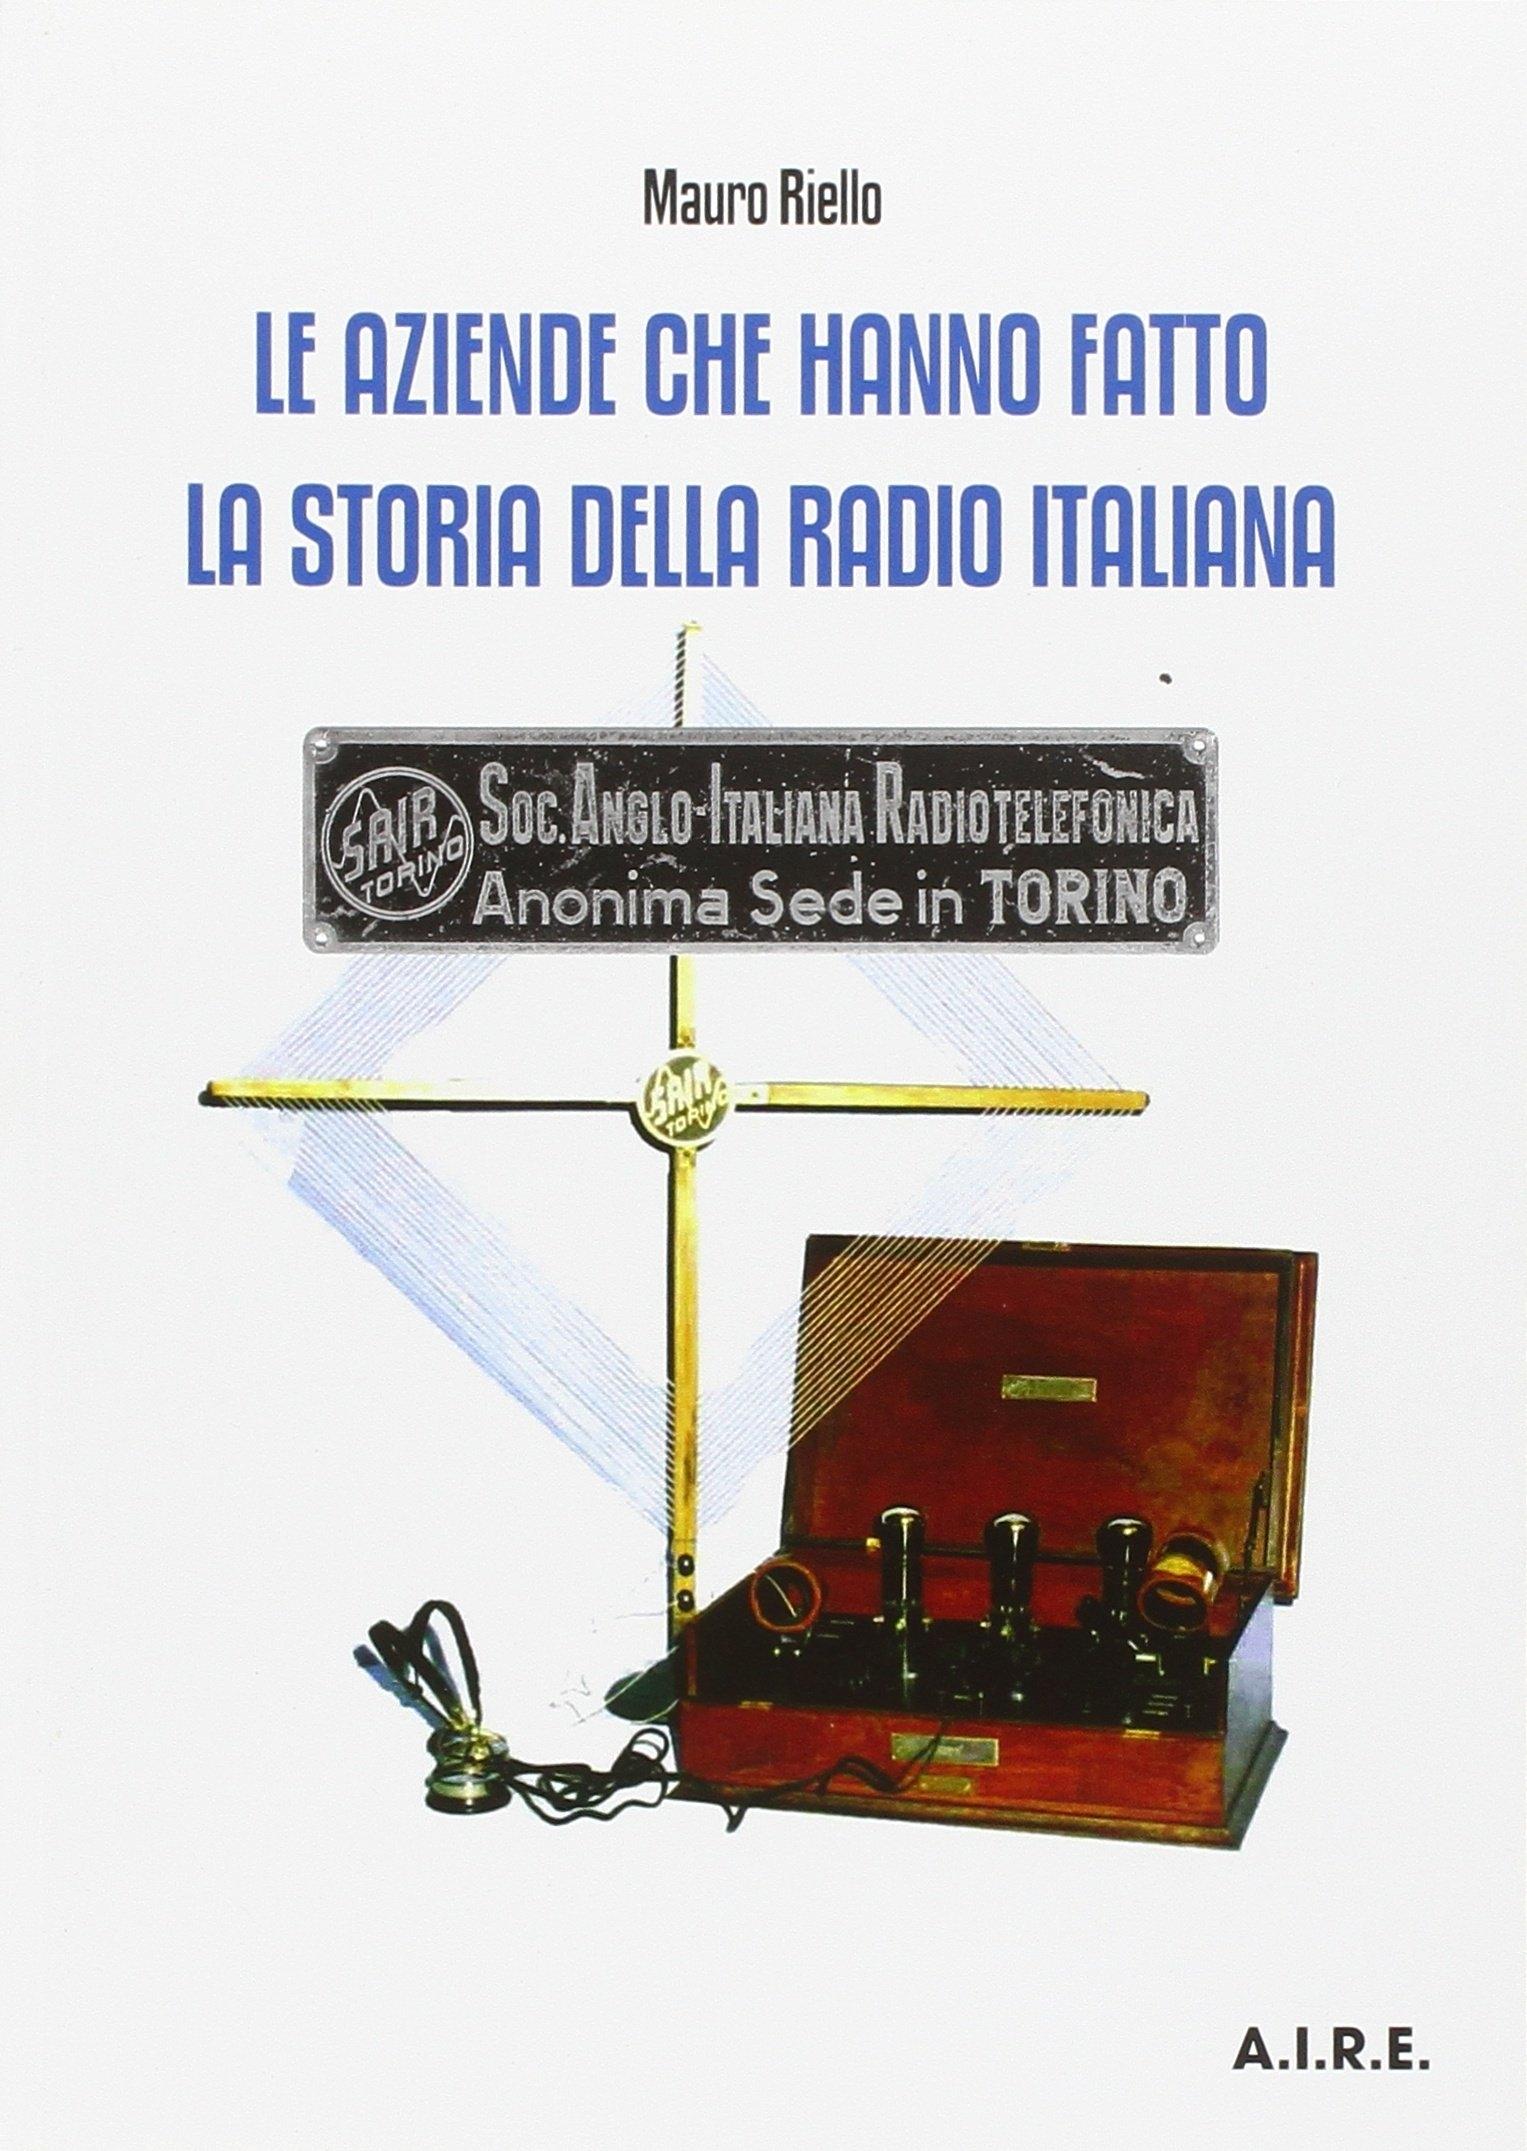 Le aziende che hanno fatto la storia della radio italiana.